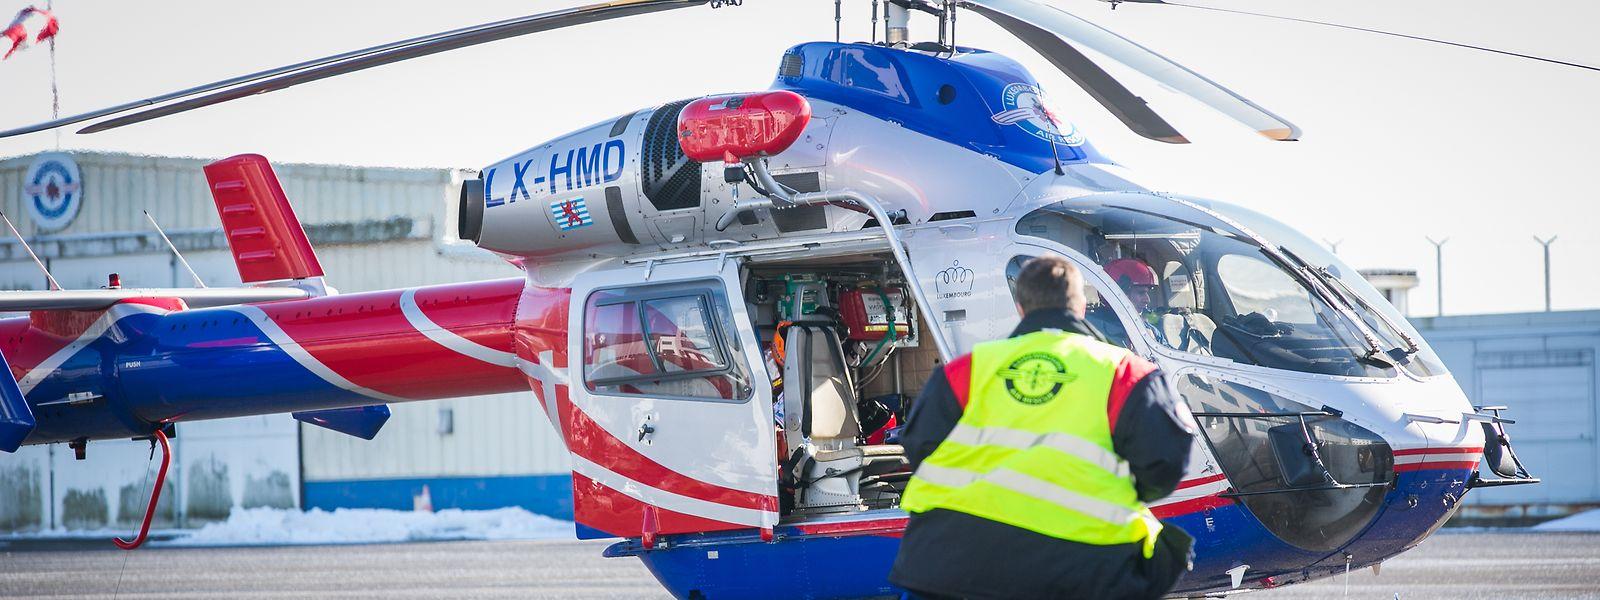 Damit Piloten der Luxembourg Air Rescue (LAR) mit dem sogenannten Bambi Bucket – einem großen Wasserbehälter – am Helikopter fliegen dürfen, brauchen sie eine entsprechende Ausbildung.